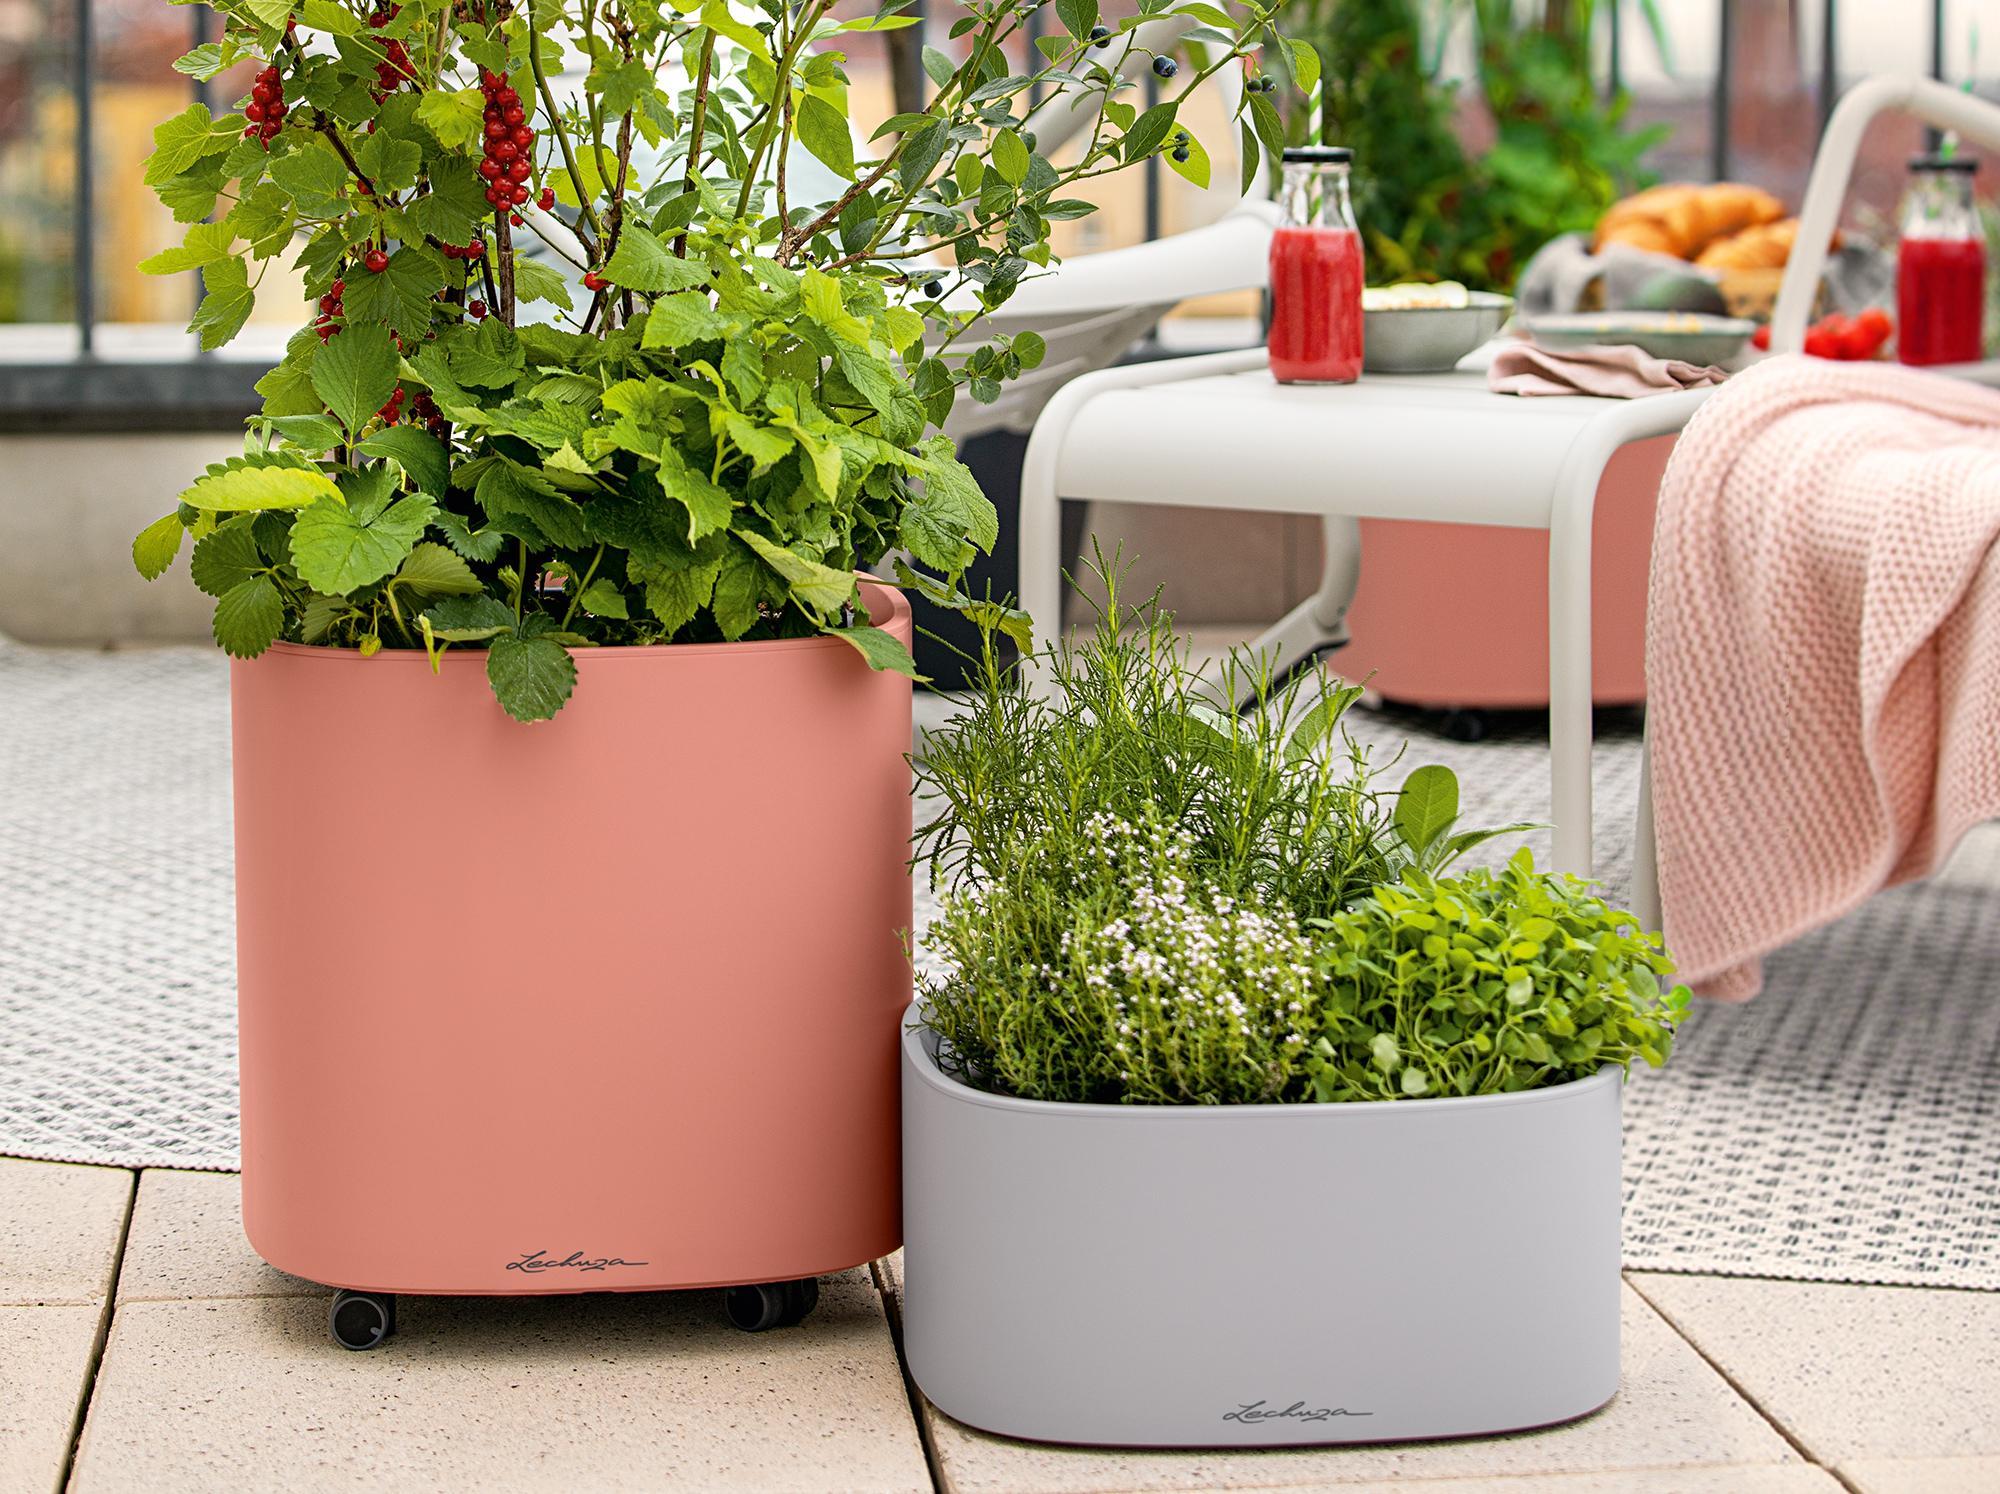 PILA - Une oasis verte et atucieuse pour votre balcon